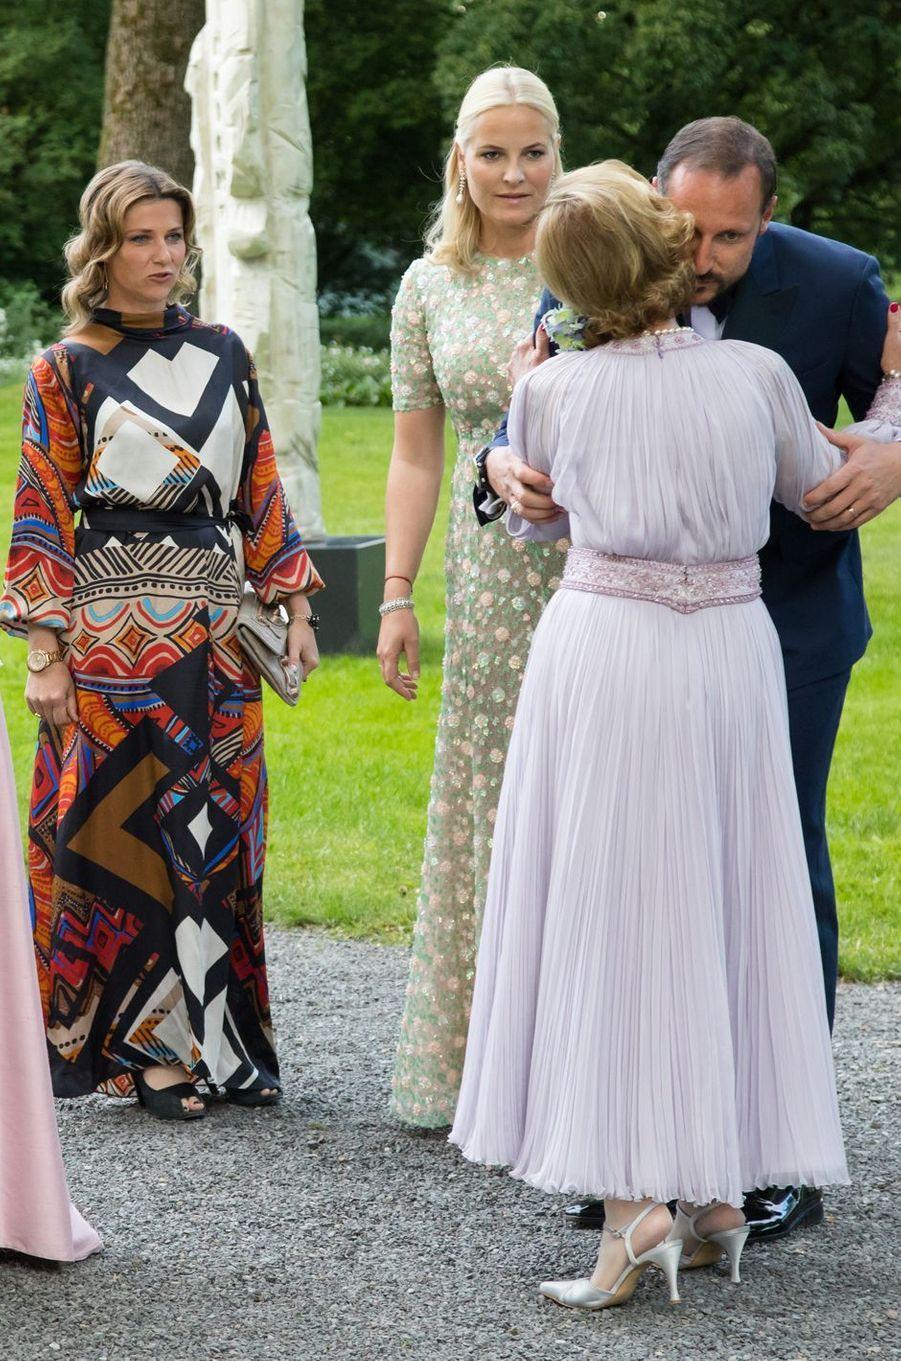 Les princesses Mette-Marit et Märtha Louise, le prince Haakon et la reine Sonja de Norvège à Oslo, le 4 juillet 2017